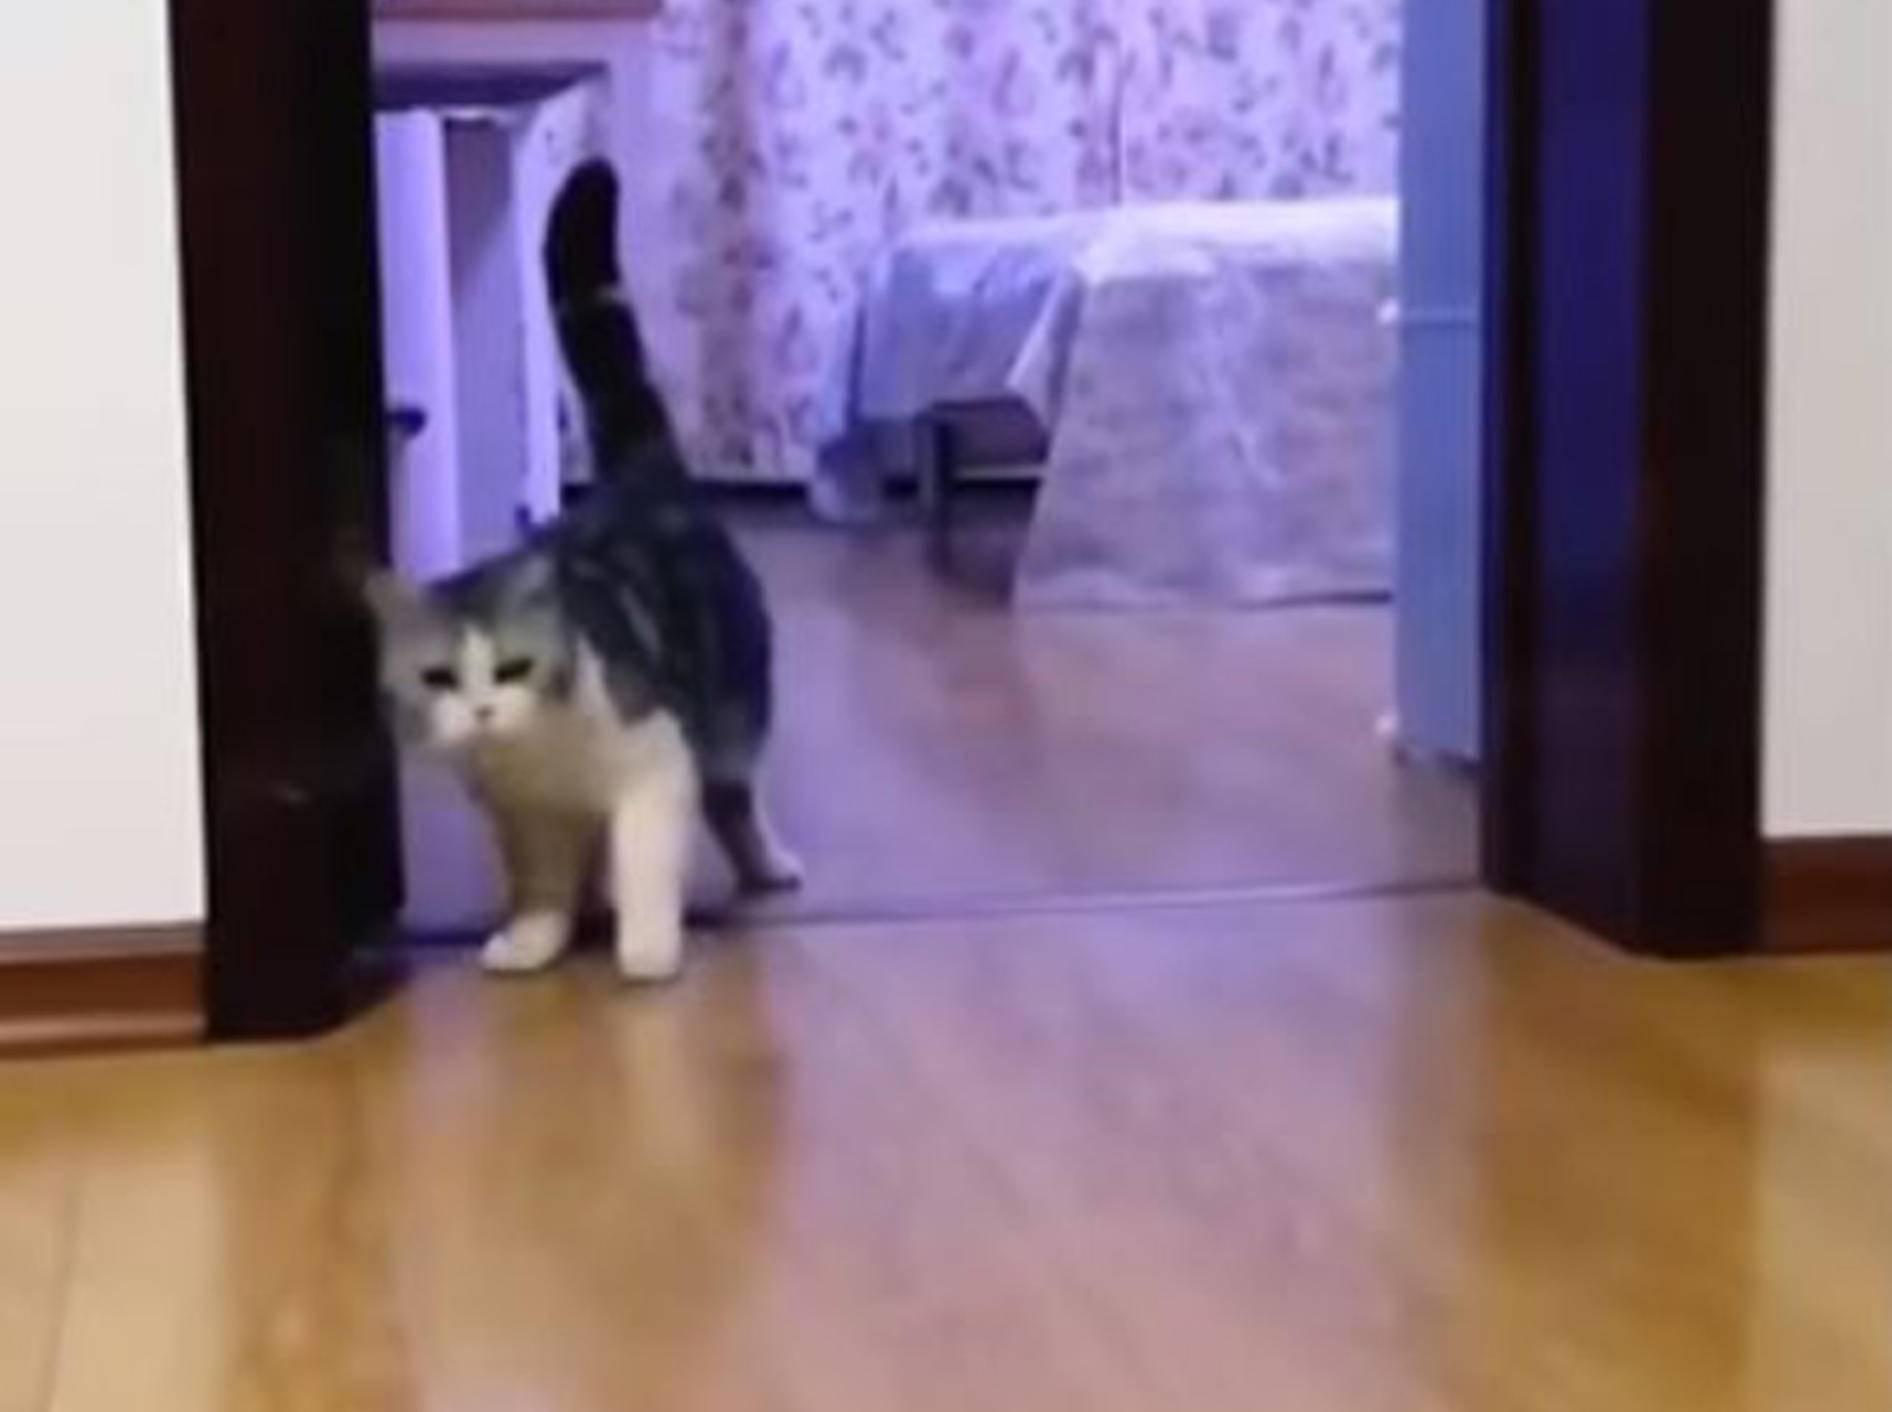 Katze schaut verwirrt - Bild: YouTube / Piyush Basak